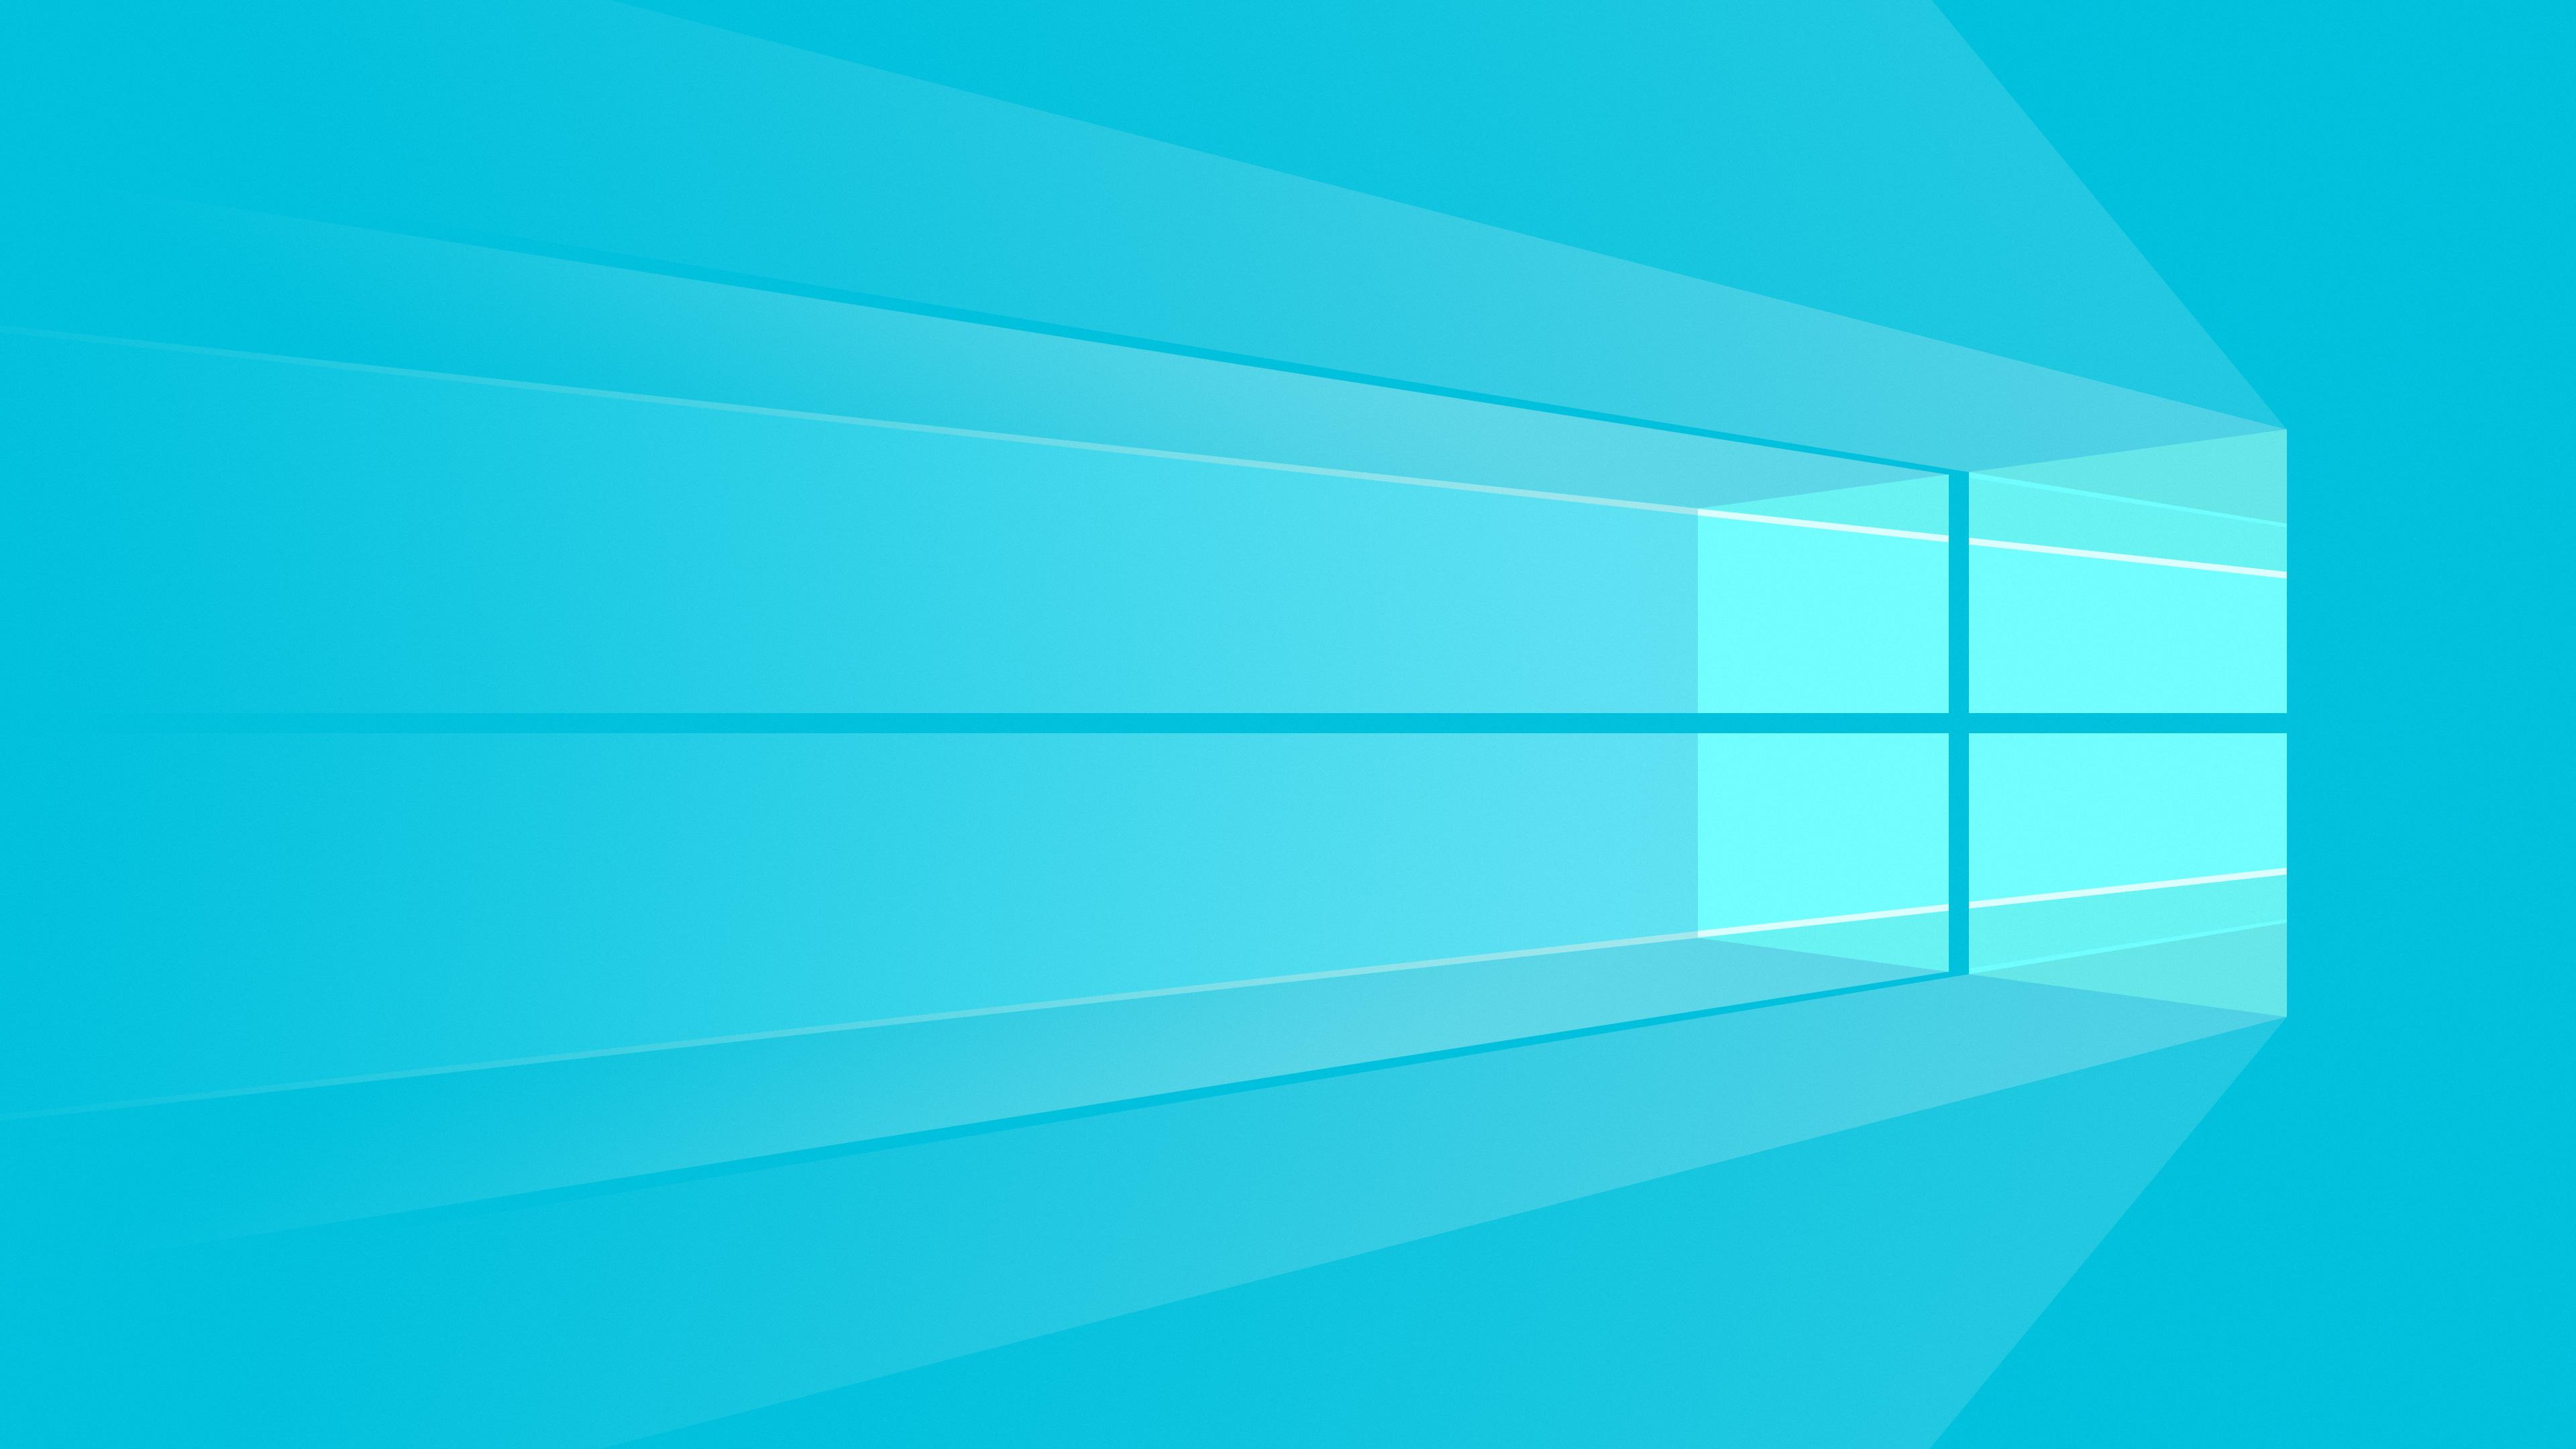 Windows 10 Hero 4k Wallpaper 1920x1080 لم يسبق له مثيل الصور